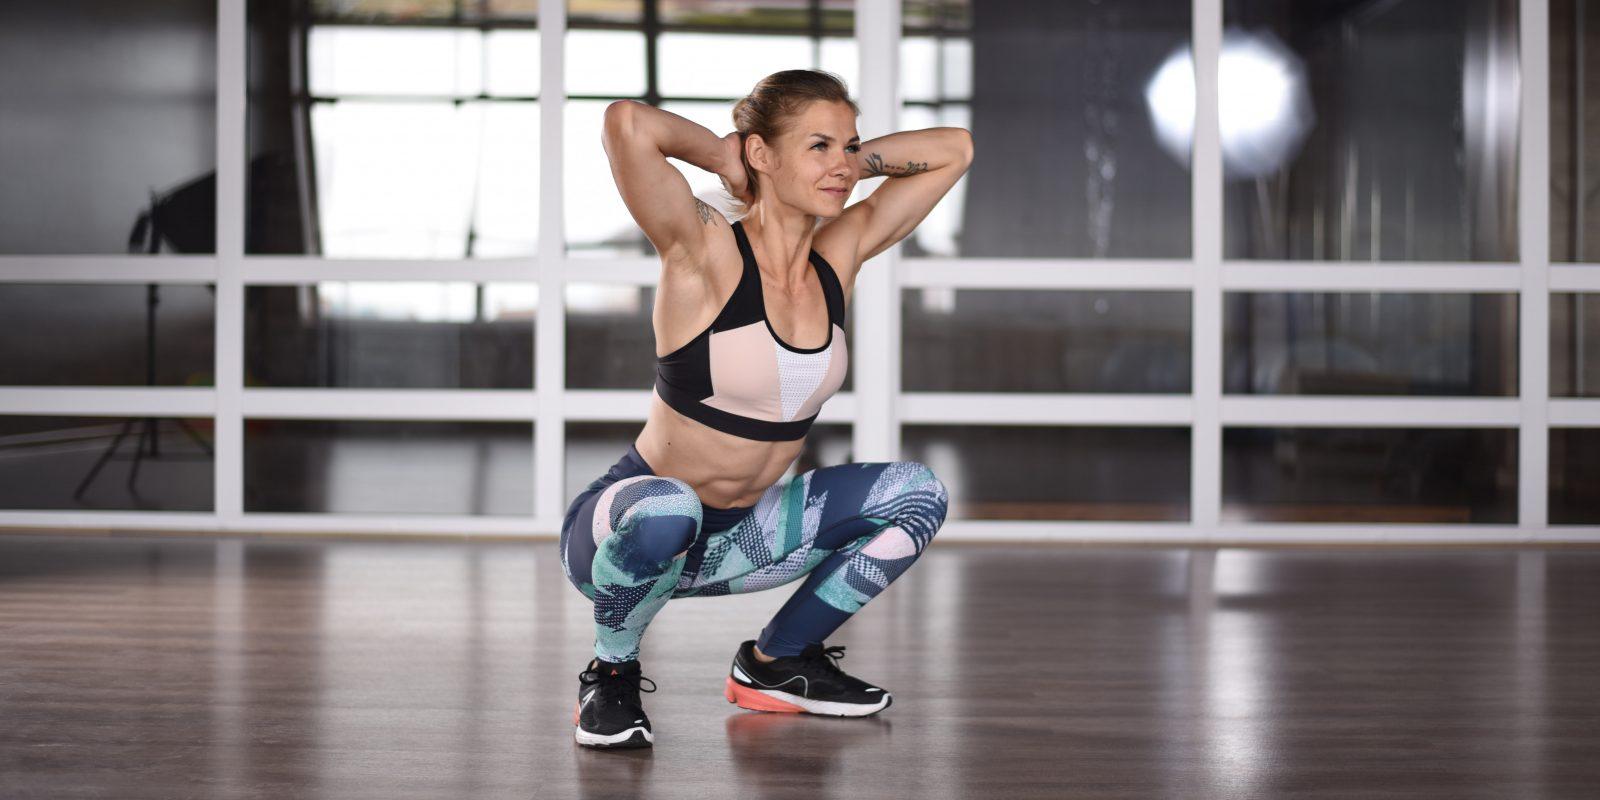 Мифы женского фитнеса: вся правда о красивом теле